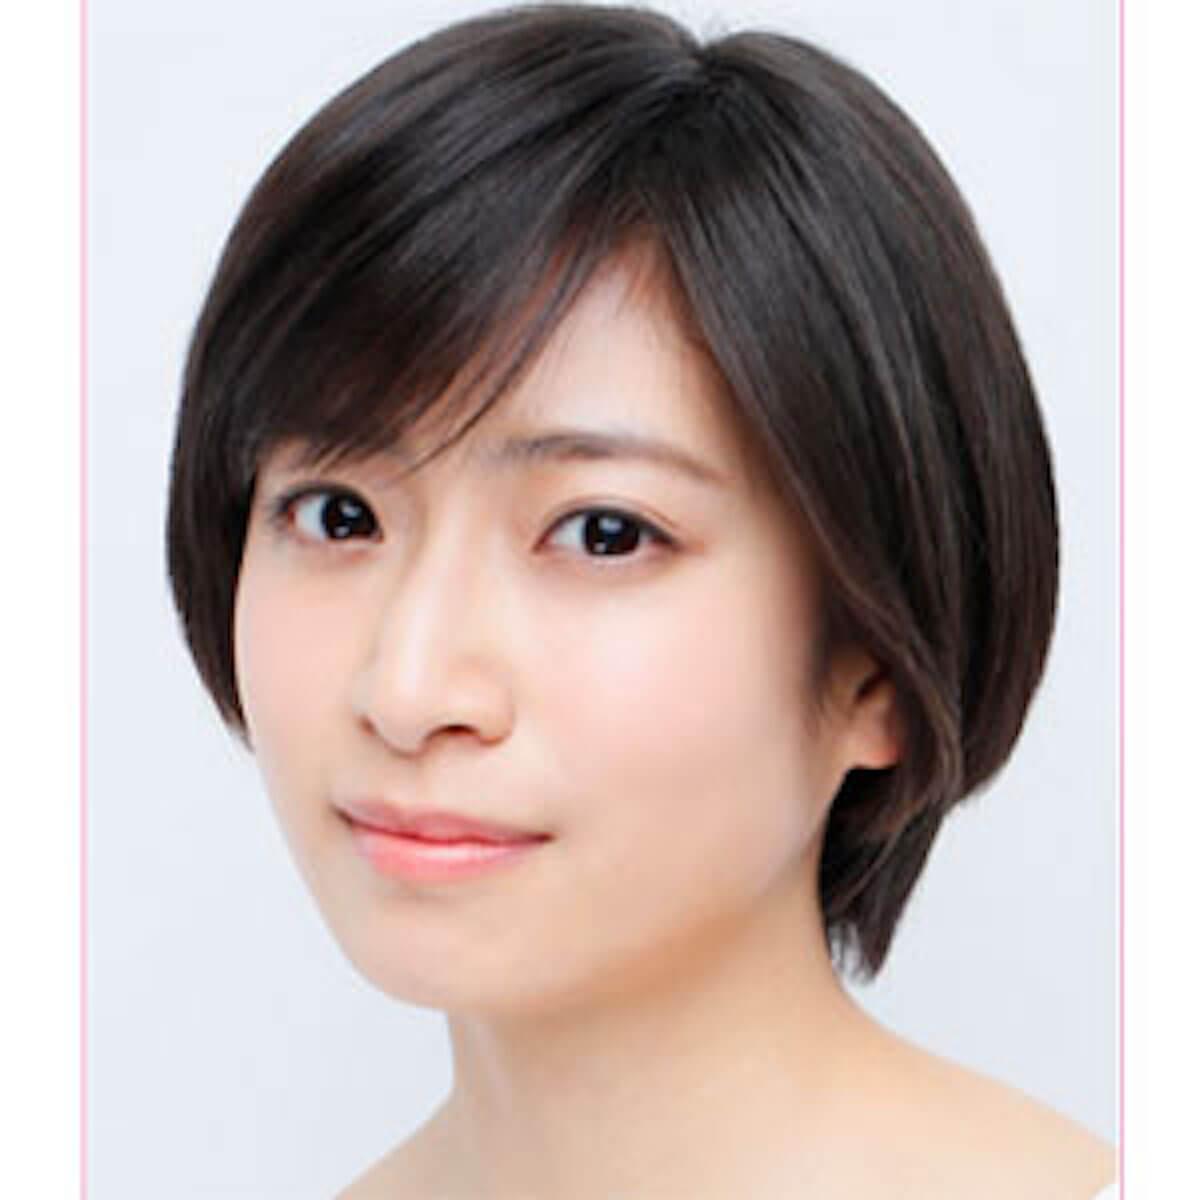 結婚 若林 南沢 奈央